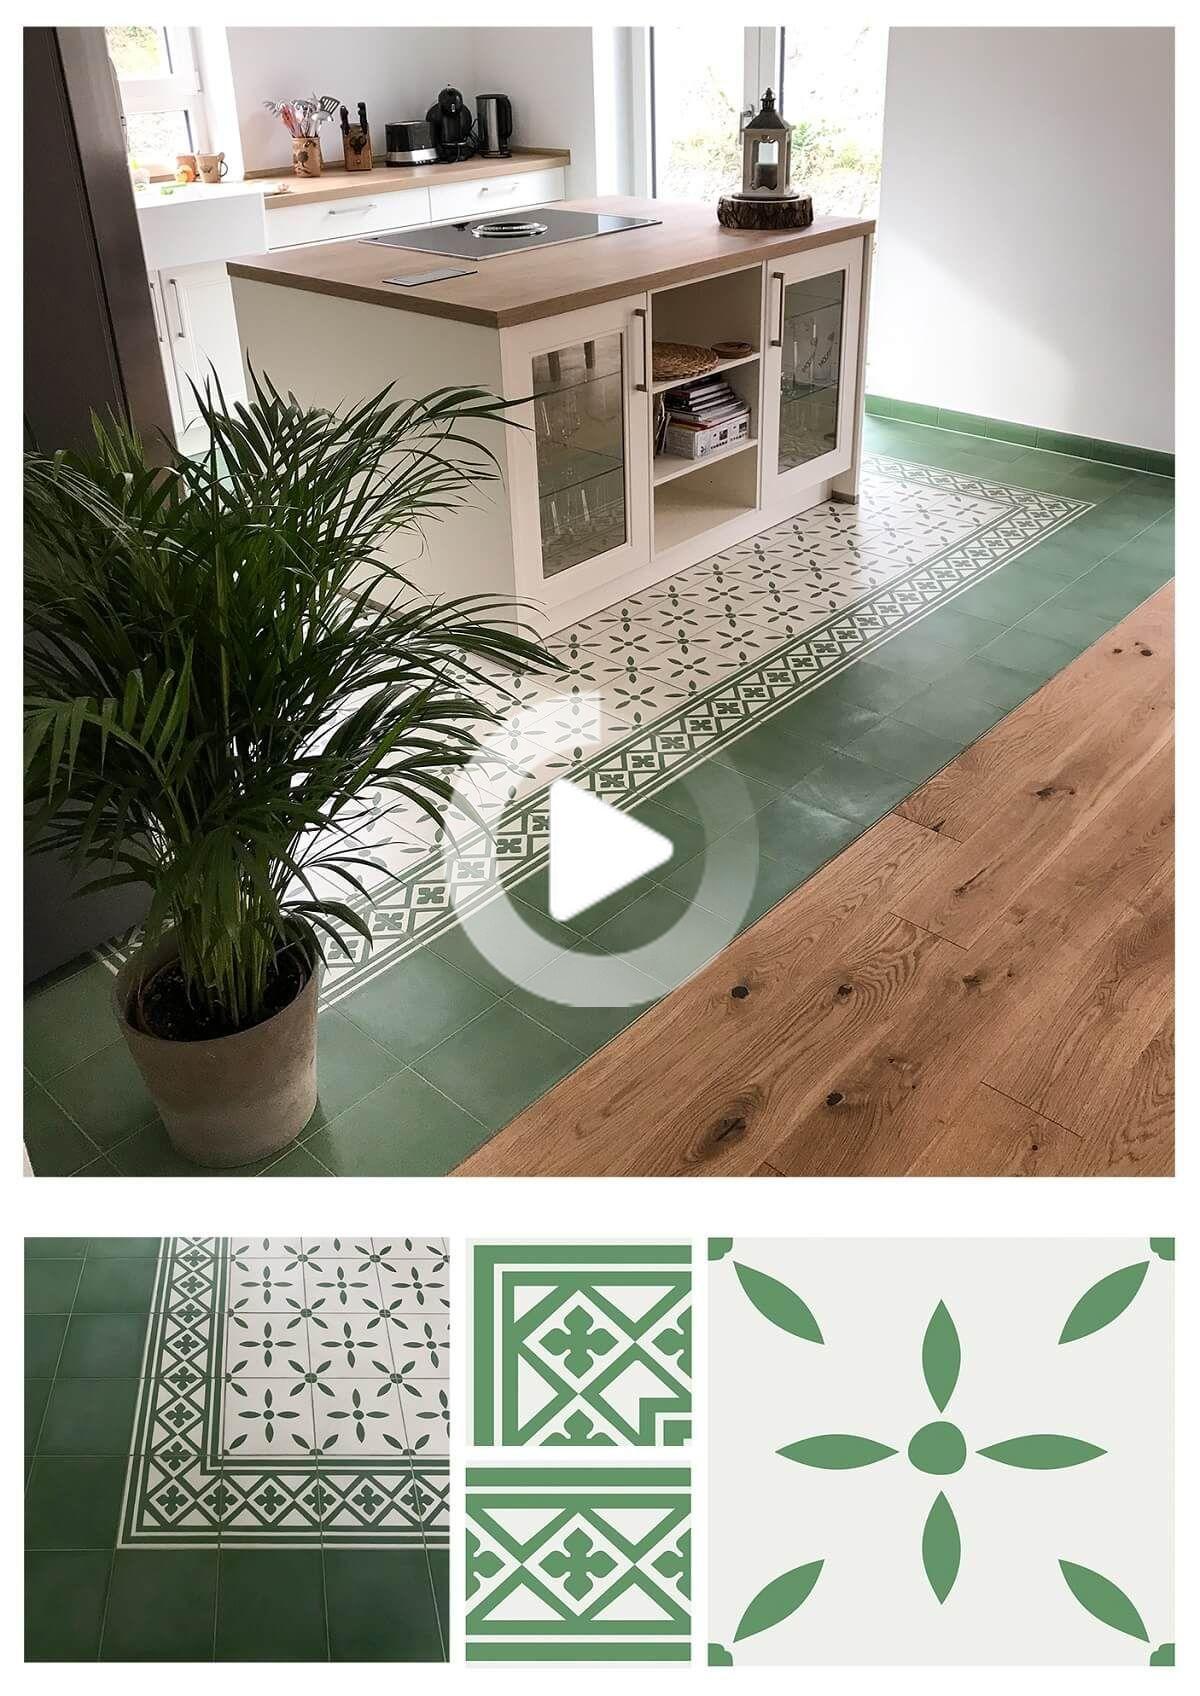 Cuisine De Campagne Moderne Rencontre Elegant Carreaux De Ciment